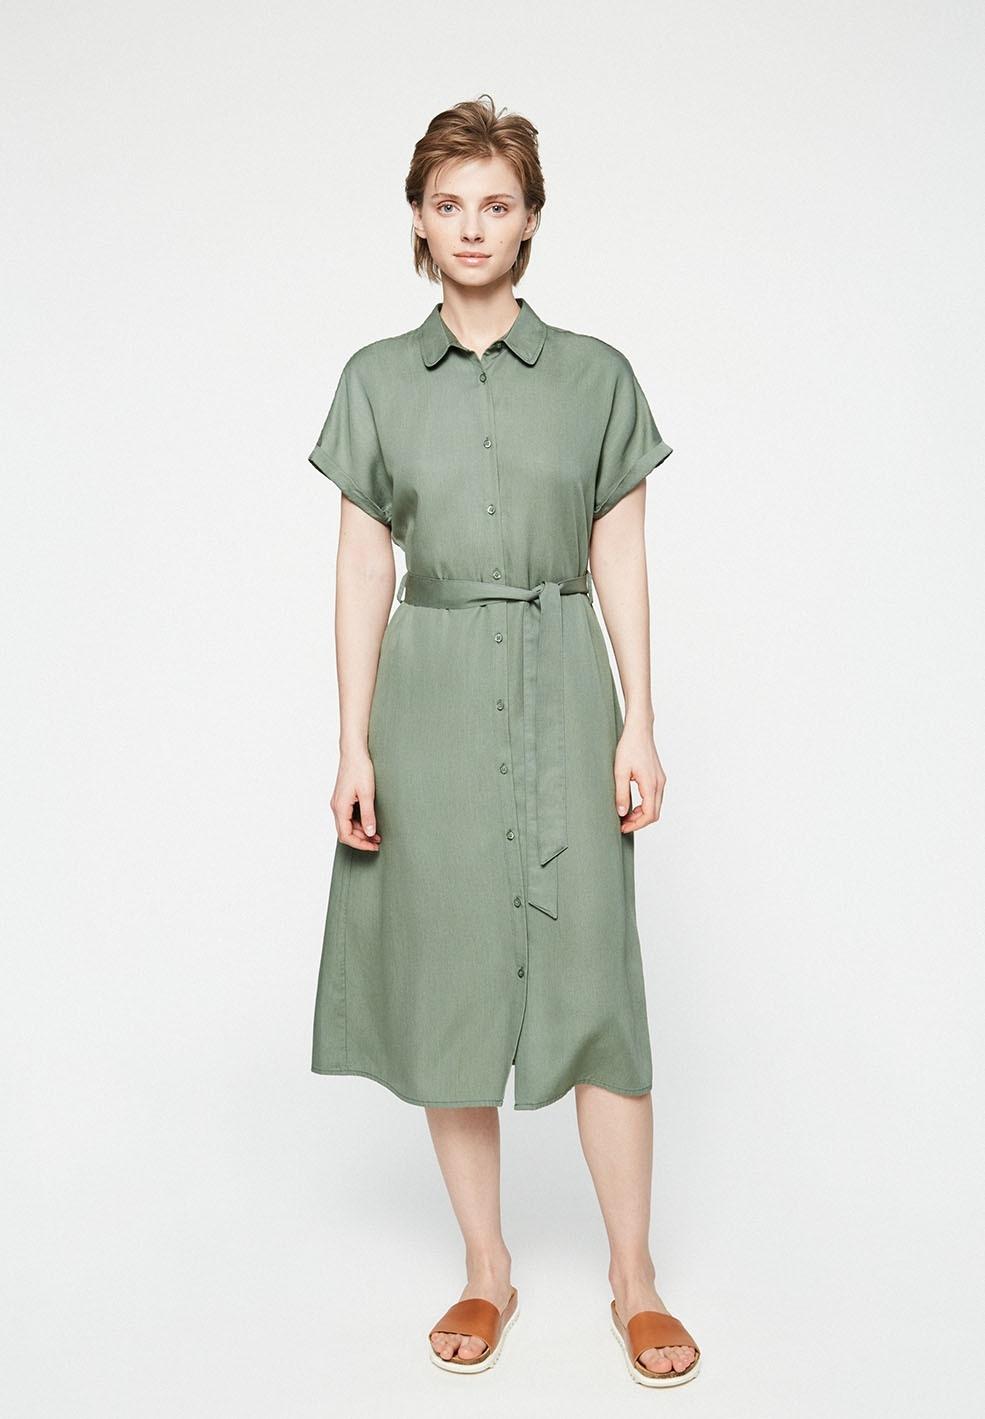 Designer Cool Schöne Kleider Kurz BoutiqueDesigner Leicht Schöne Kleider Kurz Stylish